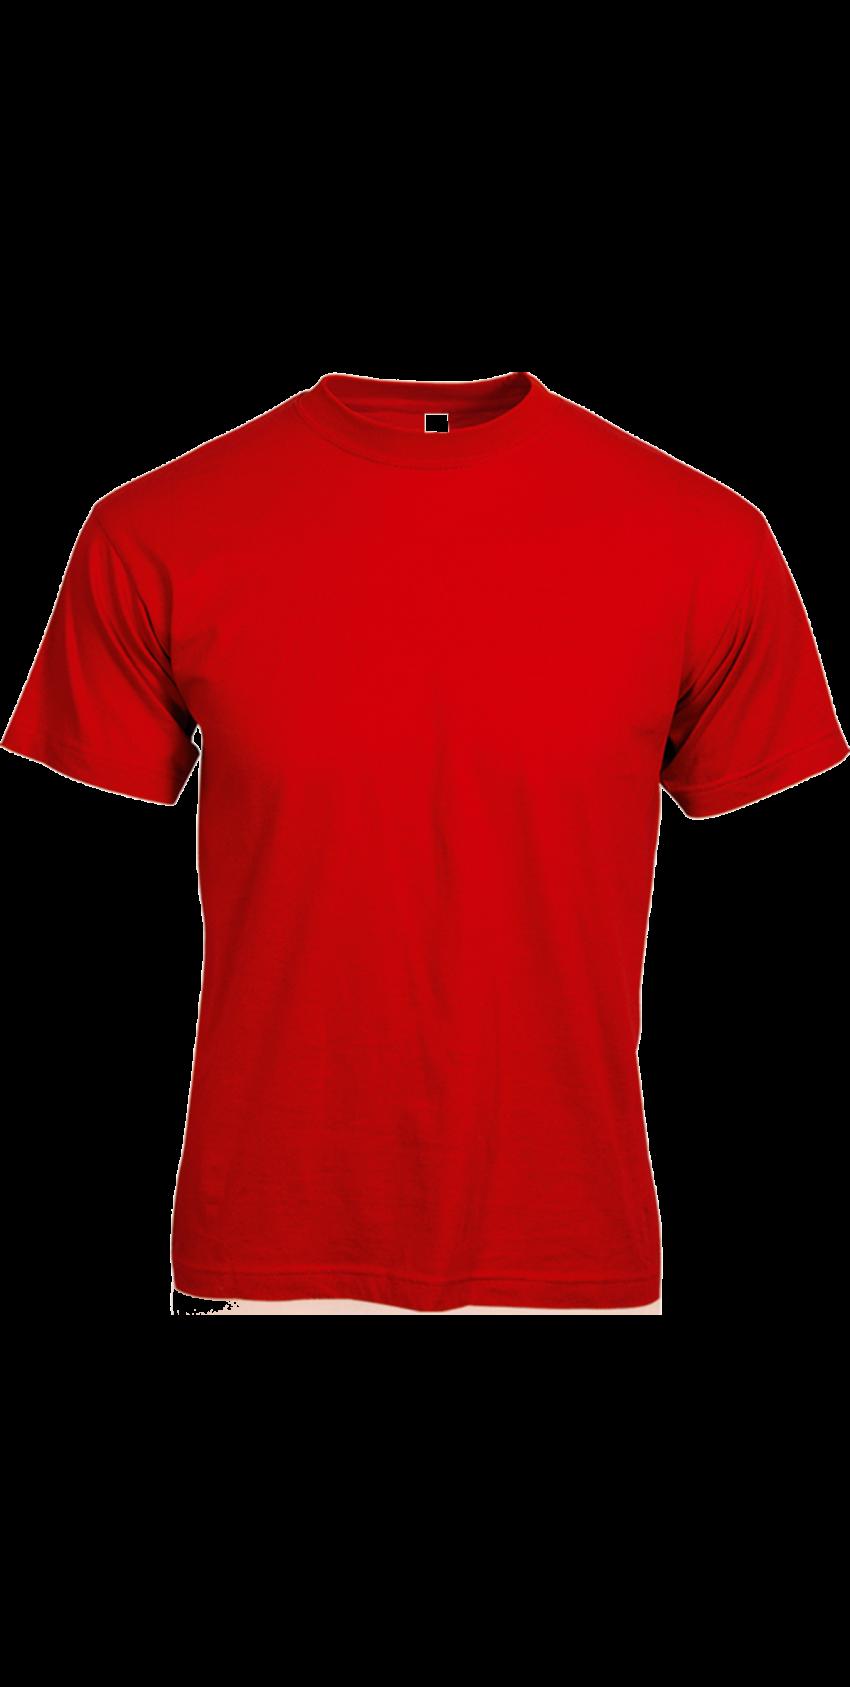 T Shirt Manica Corta Con Stampa Un Colore Jako3 Jakostore